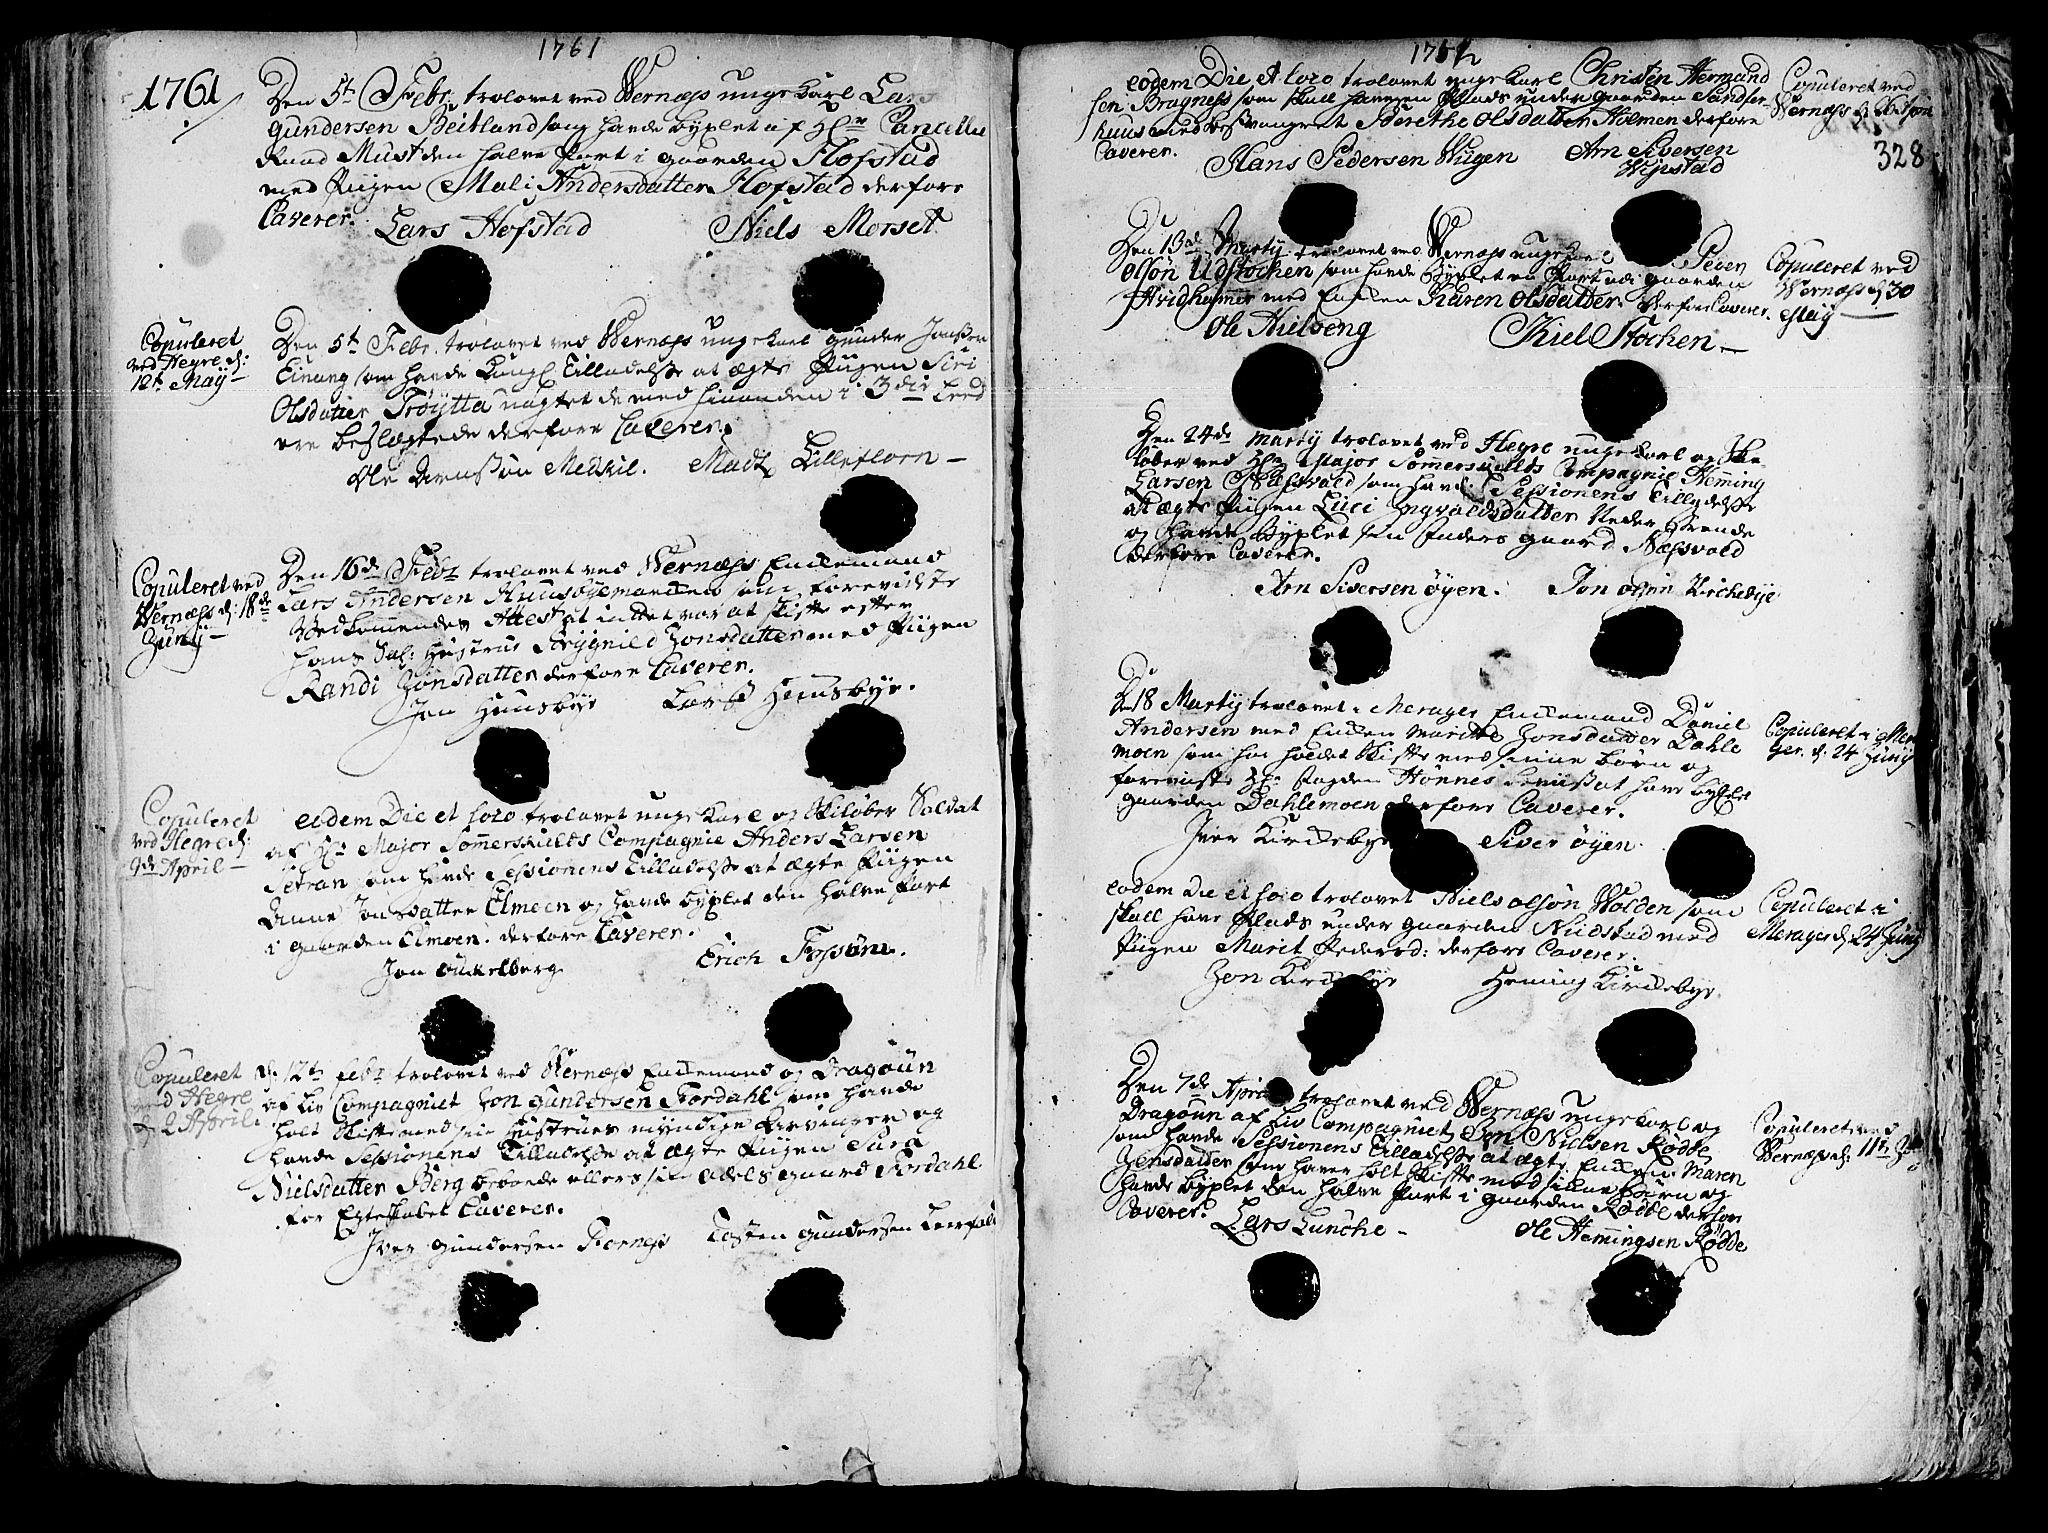 SAT, Ministerialprotokoller, klokkerbøker og fødselsregistre - Nord-Trøndelag, 709/L0057: Ministerialbok nr. 709A05, 1755-1780, s. 328